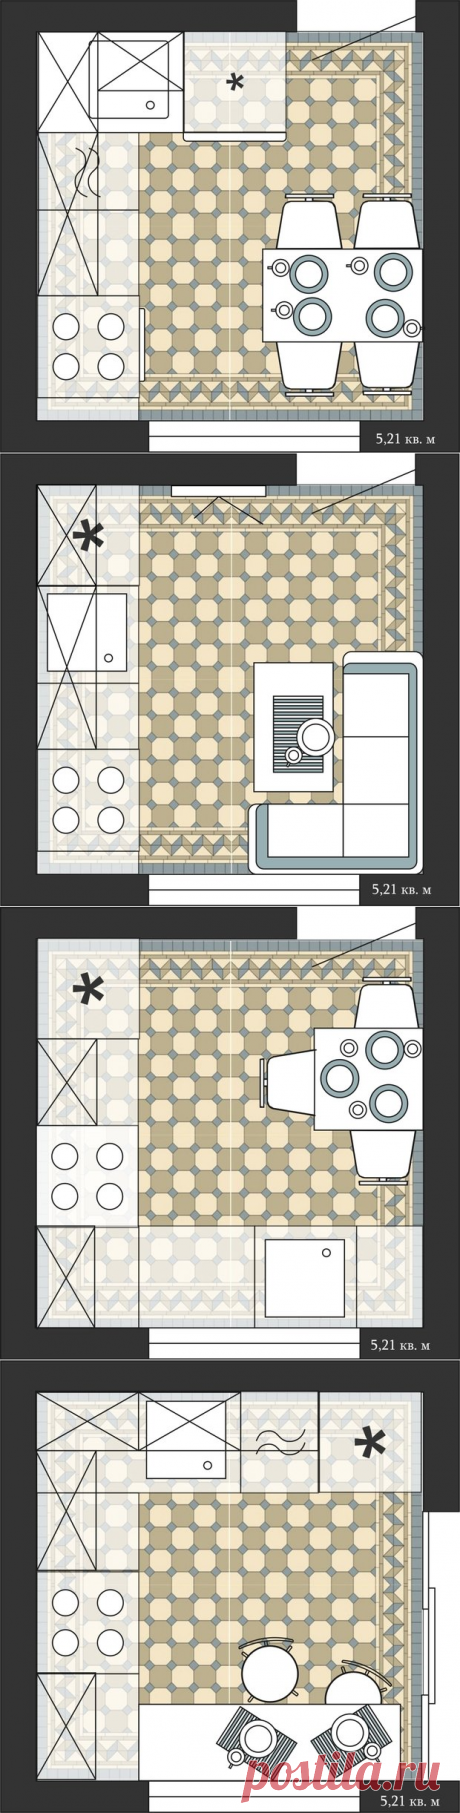 4 хороших варианта планировки квадратной кухни в хрущевке | Свежие идеи дизайна интерьеров, декора, архитектуры на InMyRoom.ru